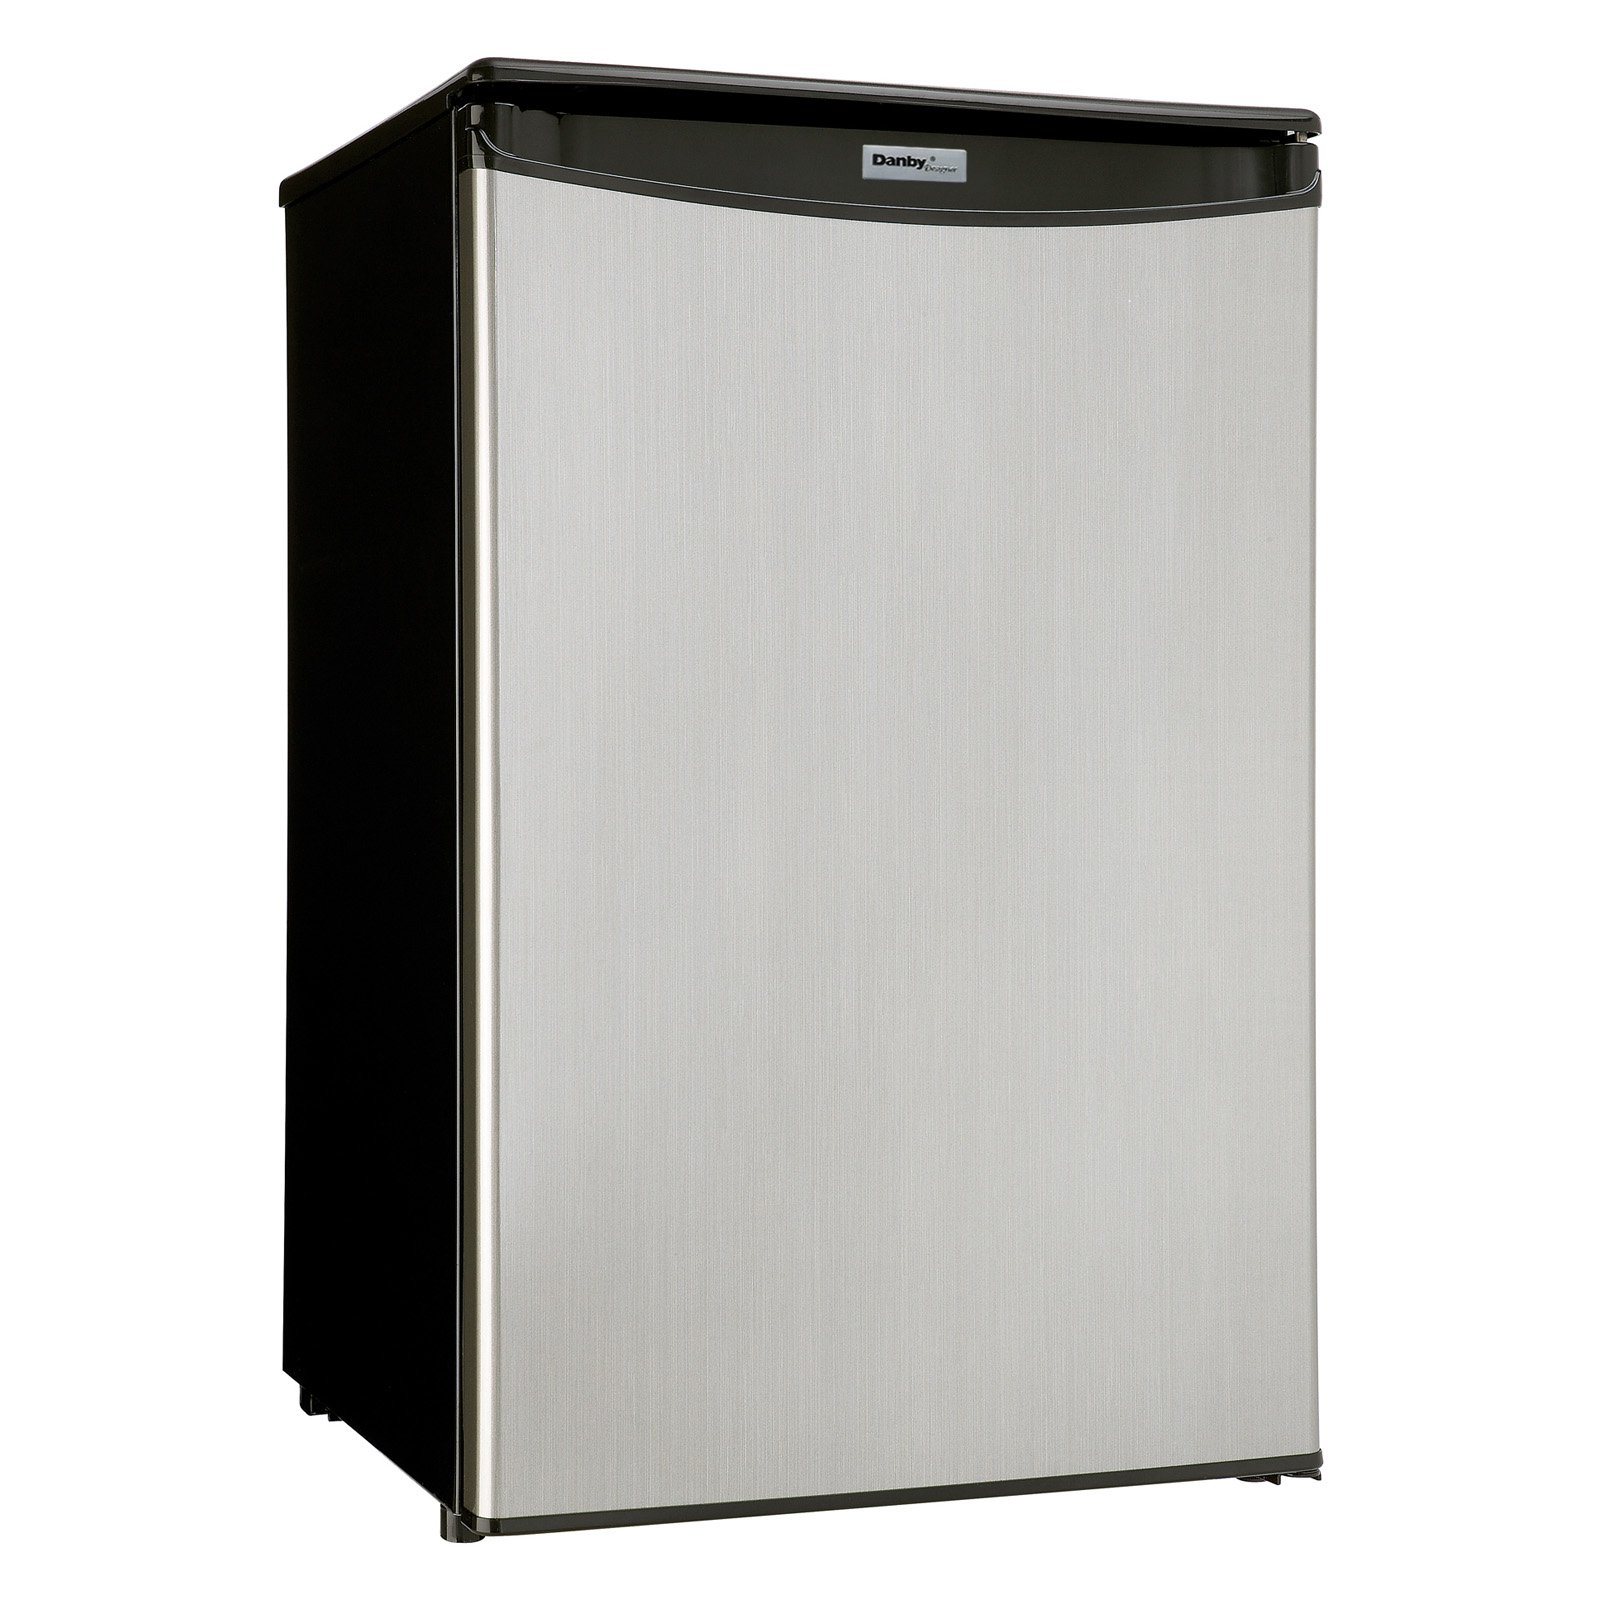 Danby Designer 4 4 Cu Ft Compact All Refrigerator Spotless Silver Walmart Com Walmart Com